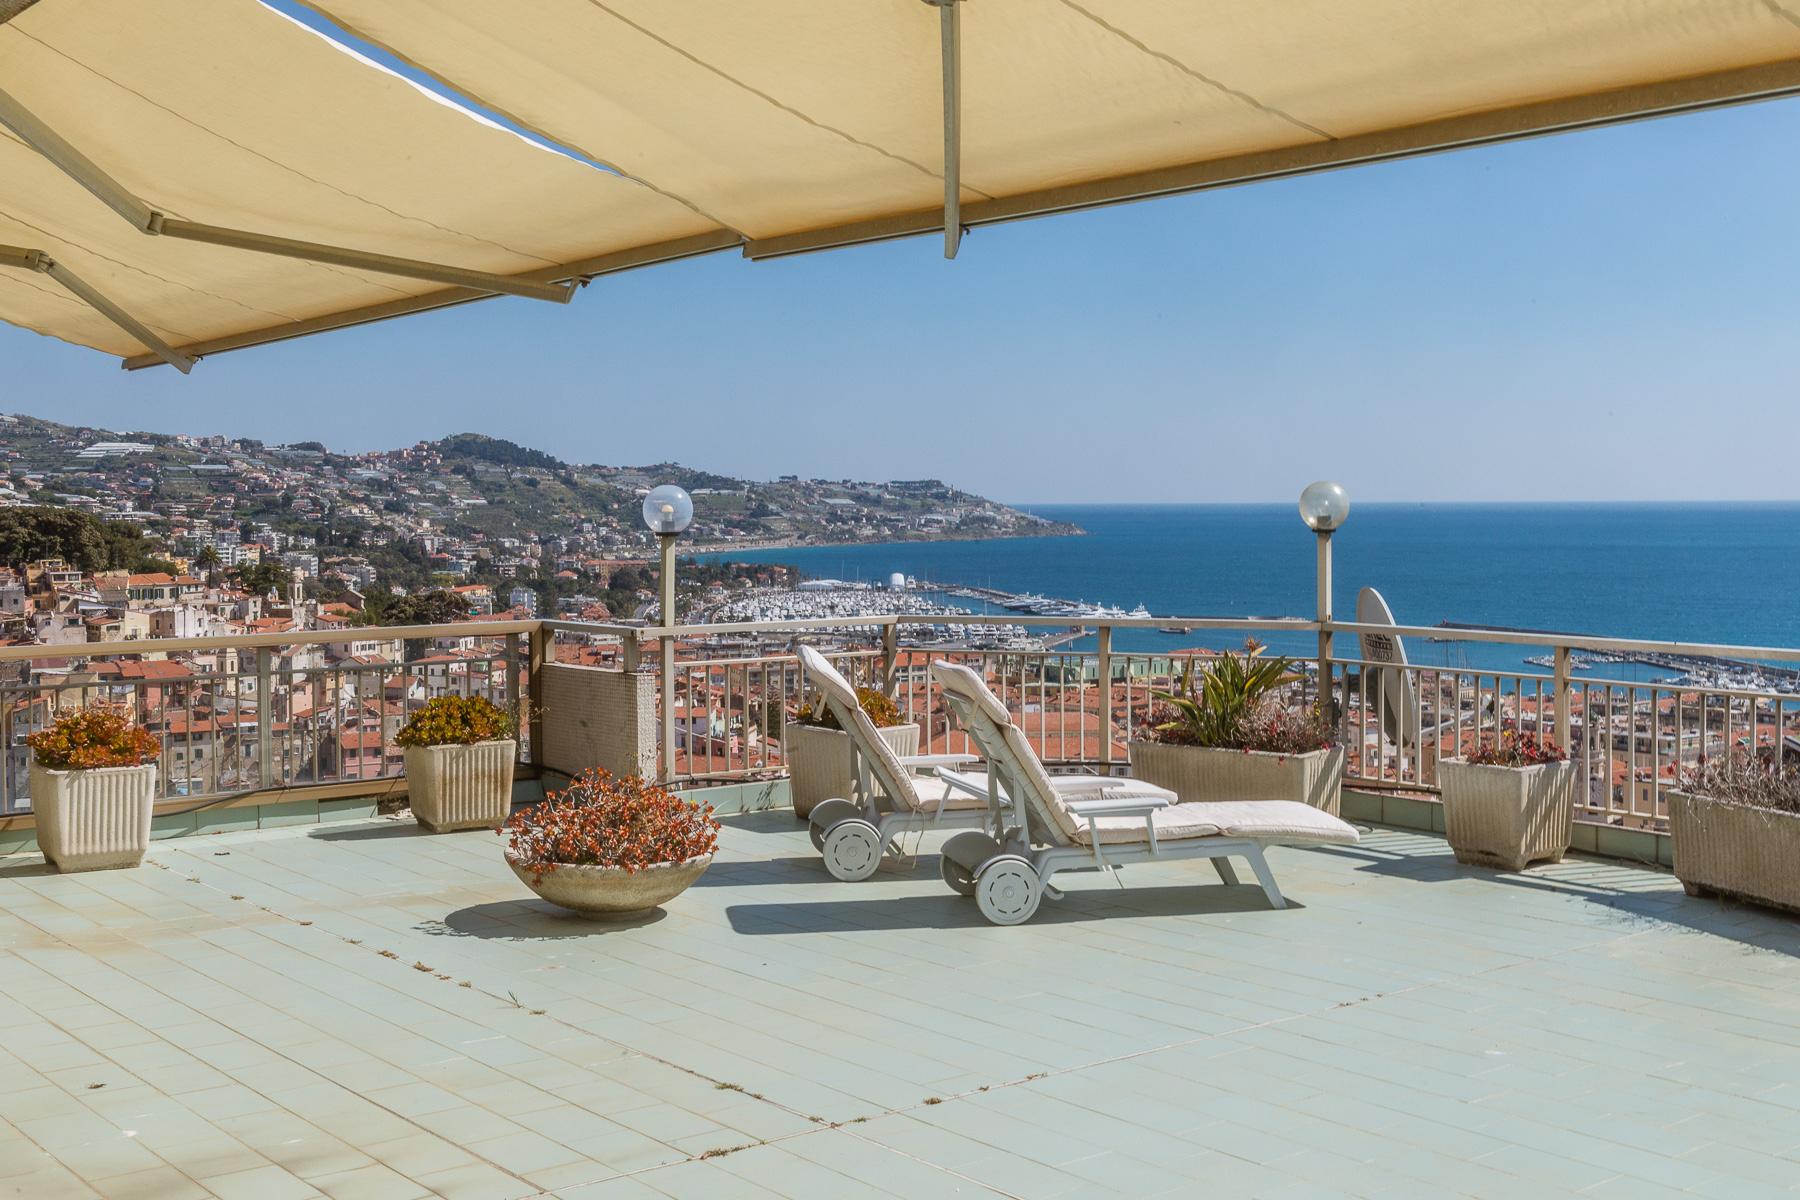 Appartamento in Vendita a Sanremo: 4 locali, 120 mq - Foto 1